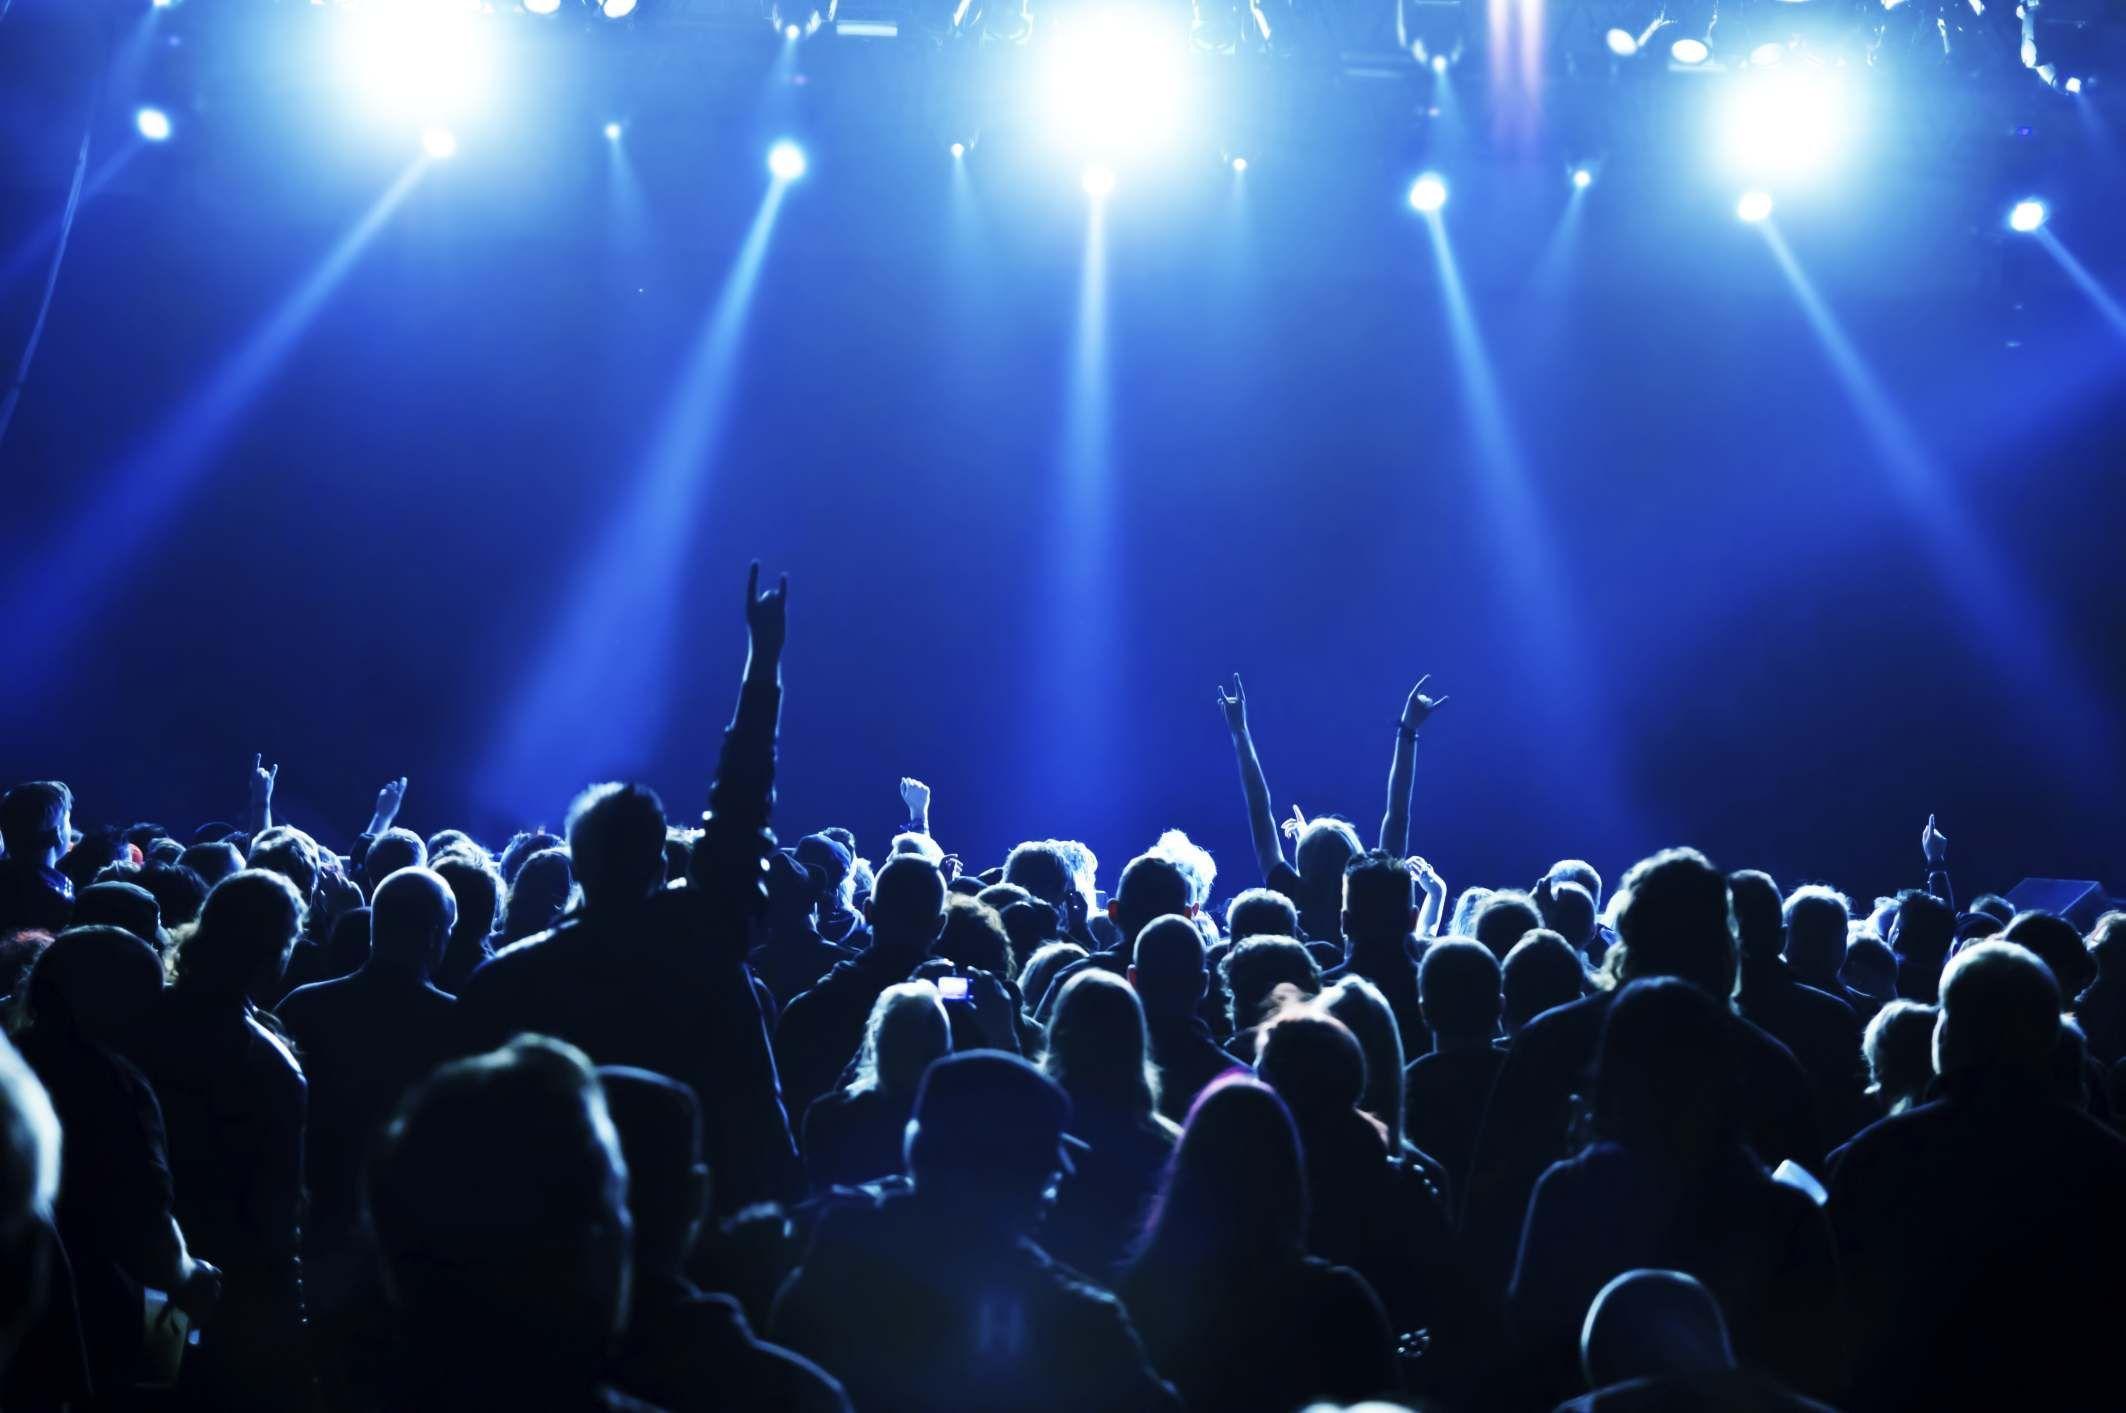 Un amigo te dice de ir a un concierto de uno de sus grupos musicales favoritos este finde ¿Qué le contestas?